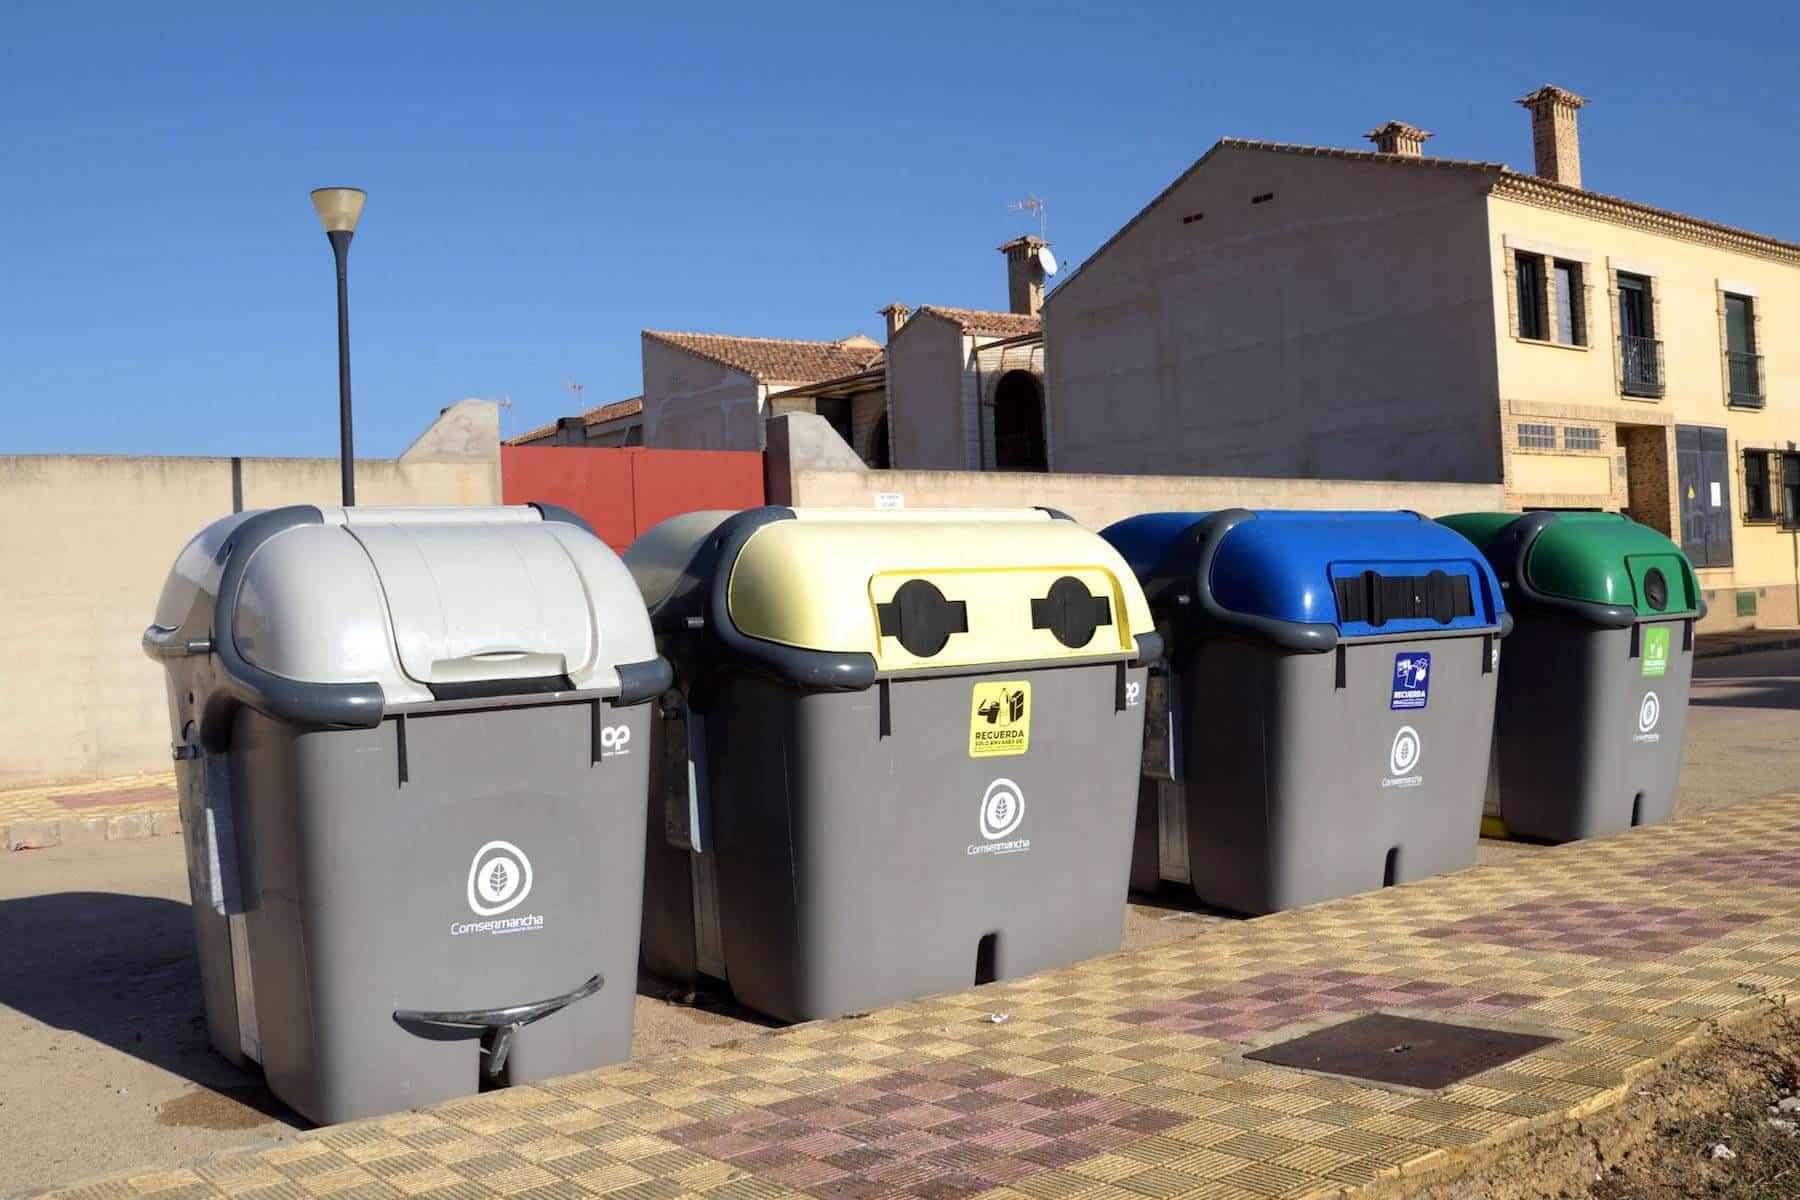 cenizas contenedores - Alerta del alto número de contenedores que han ardido en los últimos  años